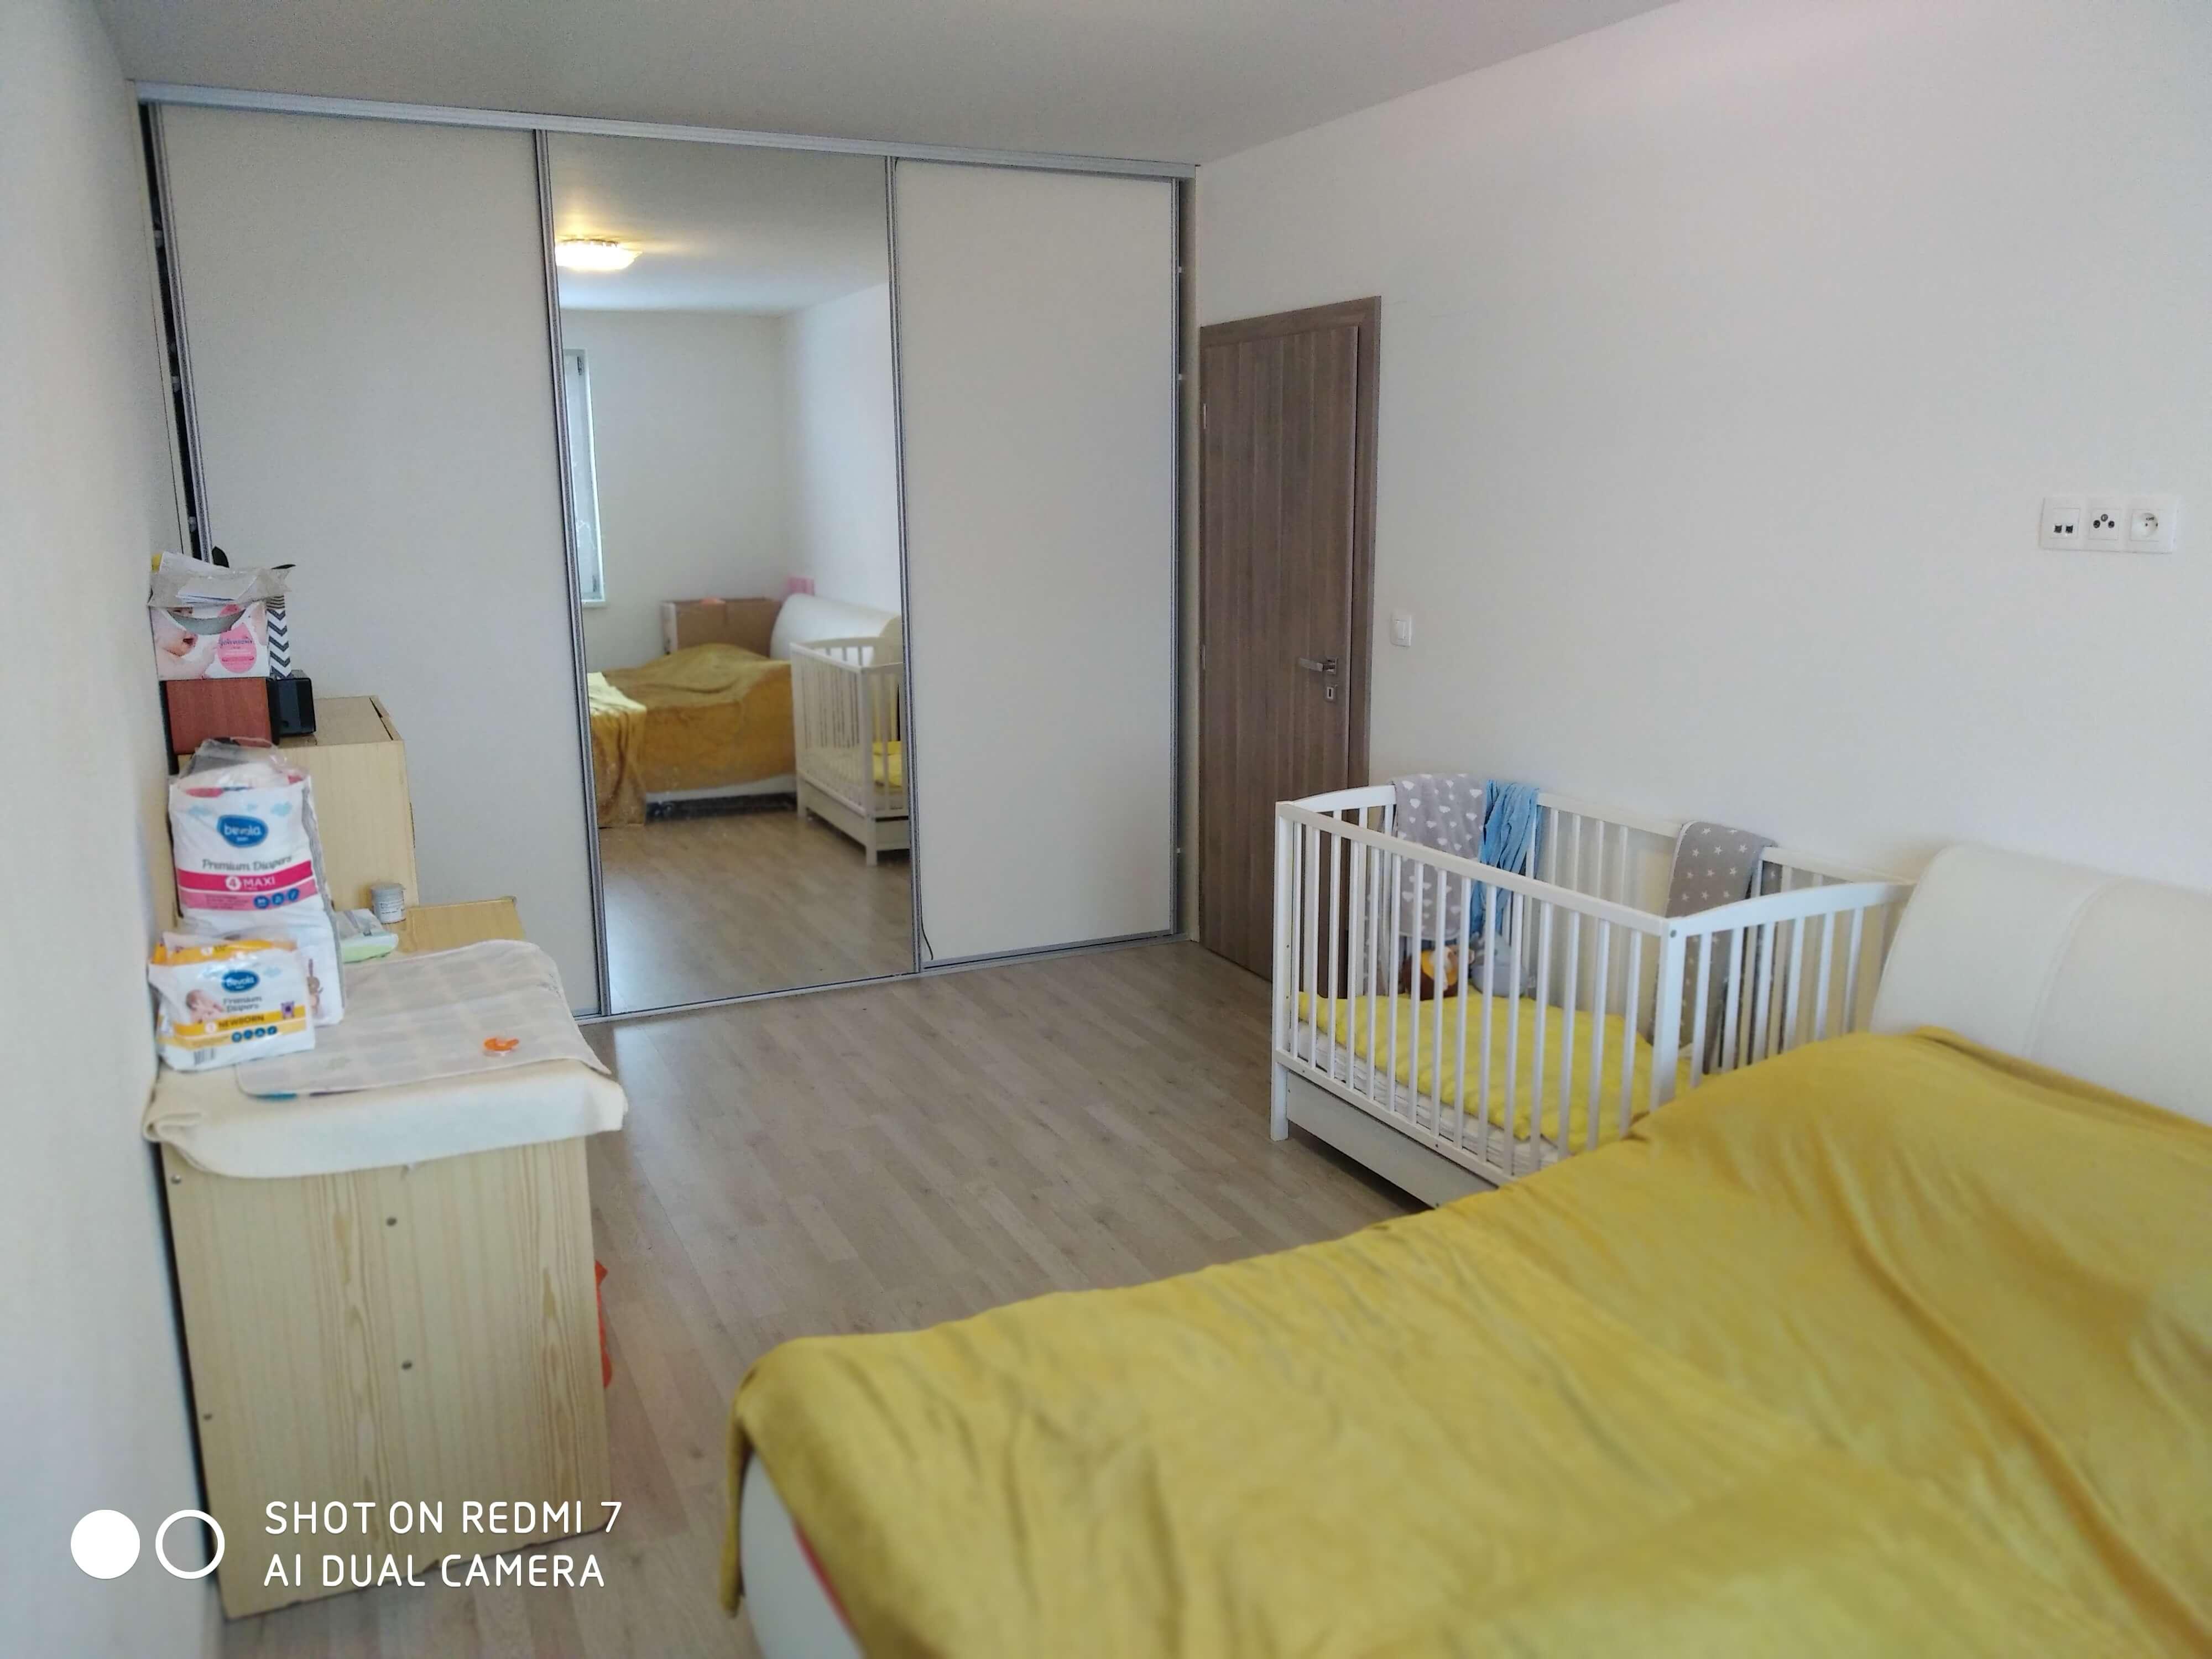 Prenajaté: Prenájom 2 izb. byt, Luxusne zariadeny, v tichej lokalite, Brnianska 4, nad Farbičkou, Malacky,-11